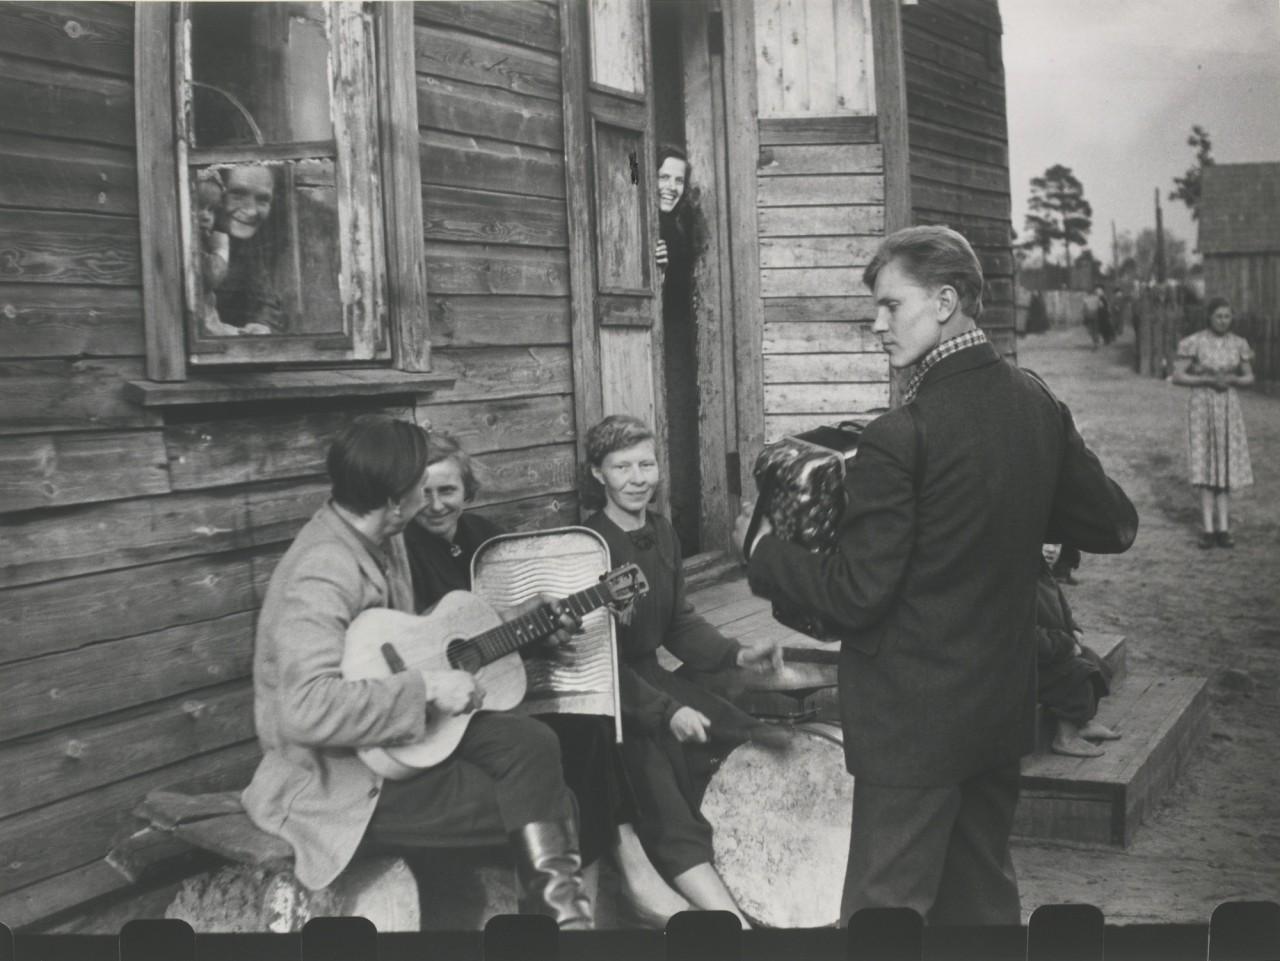 Воскресенье в рабочем поселке Литовская ССР, 1959. Фотограф Антанас Суткус